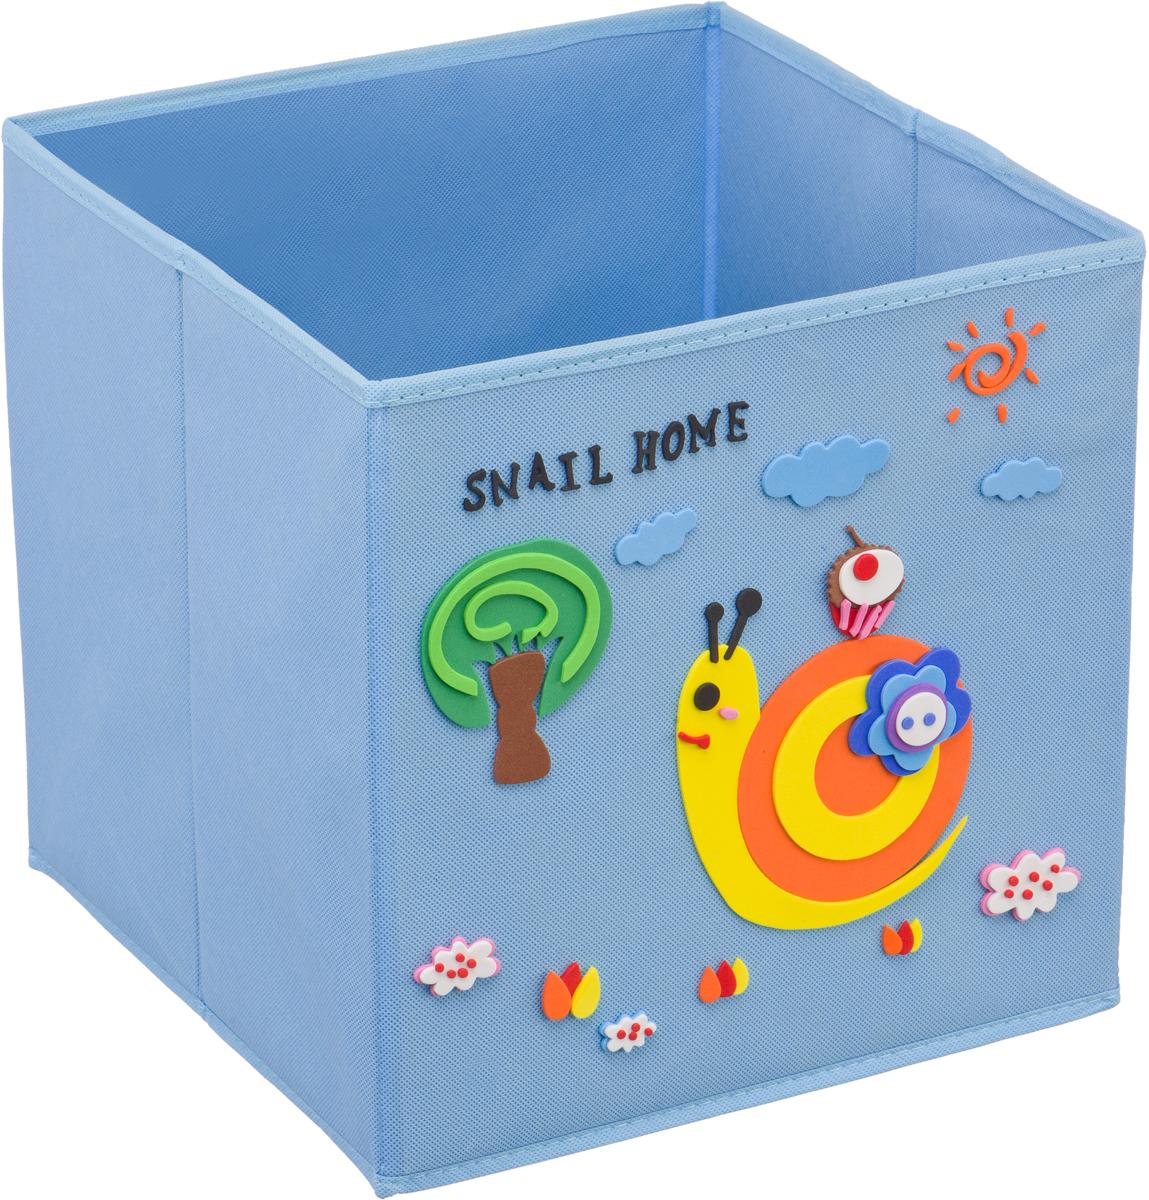 Кофр для хранения Handy Home Улитка, с аппликацией, цвет: голубойUC-108Кофр с аппликацией - универсальная система для домашнего хранения, которая дополняется интересной аппликацией с эксклюзивным и веселым детским дизайном для оформления фронтальной стороны короба. Комплект представляет собой складной короб из нетканого материала и картона, плюс самоклеящаяся аппликация из полимера, которую необходимо самому собрать в картину. Соберите всю увлекательную коллекцию у себя дома.